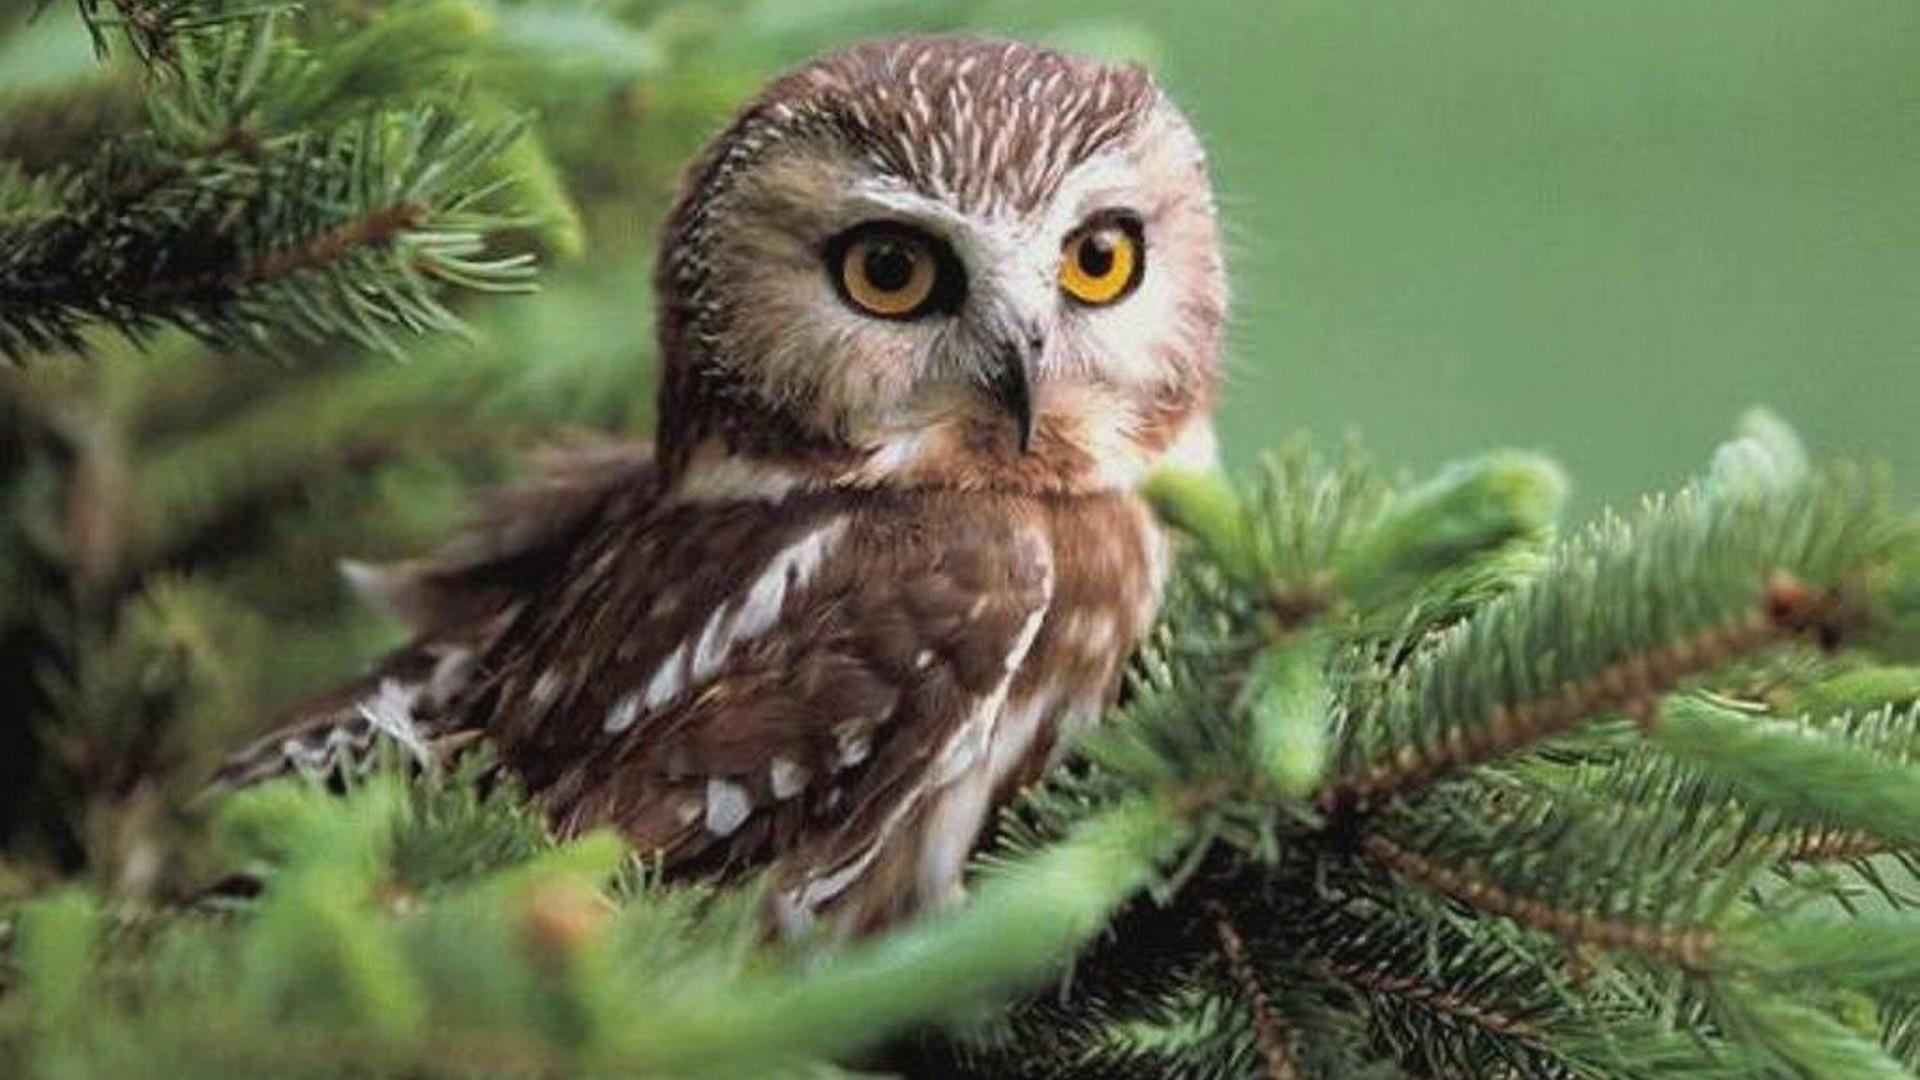 Full HD Owl Wallpapers HD, Desktop Backgrounds x